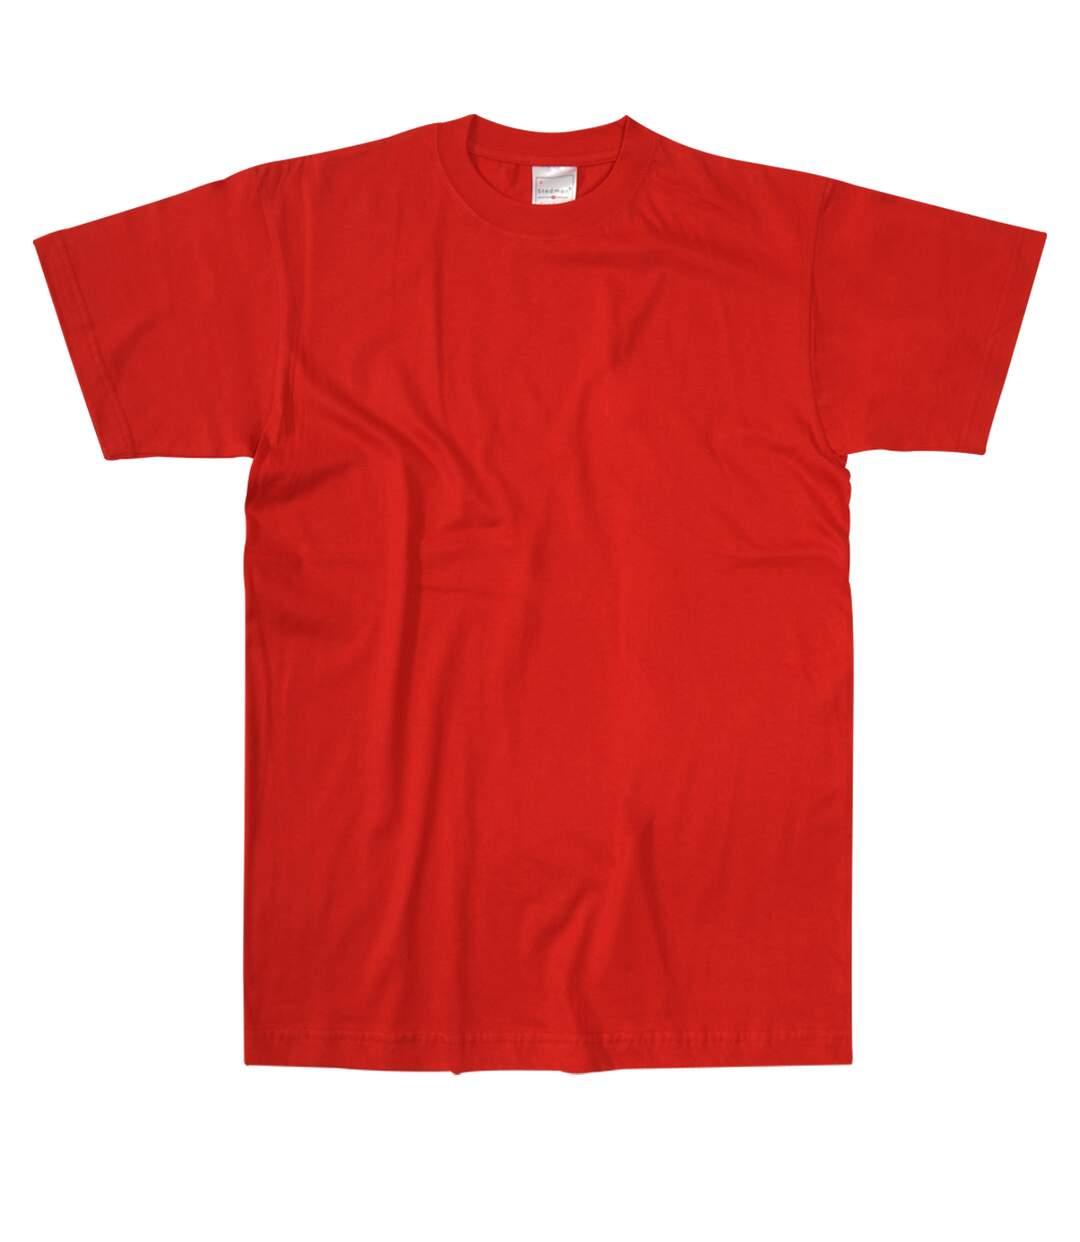 Stedman Mens Comfort Tee (Scarlet Red) - UTAB272